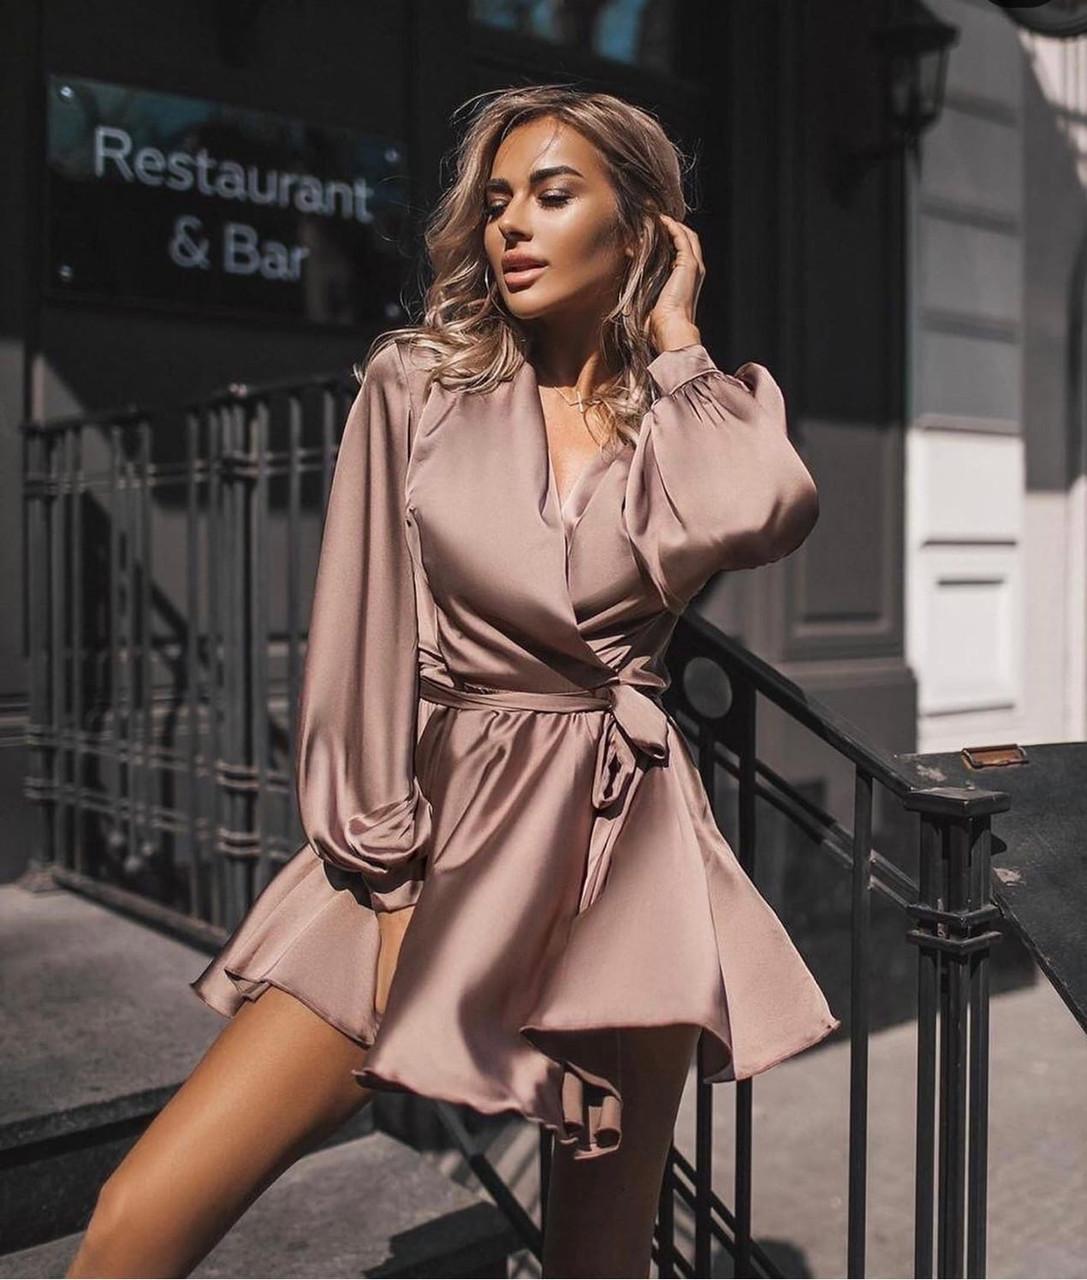 Стильное женское платье шелковое размеры 42 44 46  Новинка 2021 расцветки 3